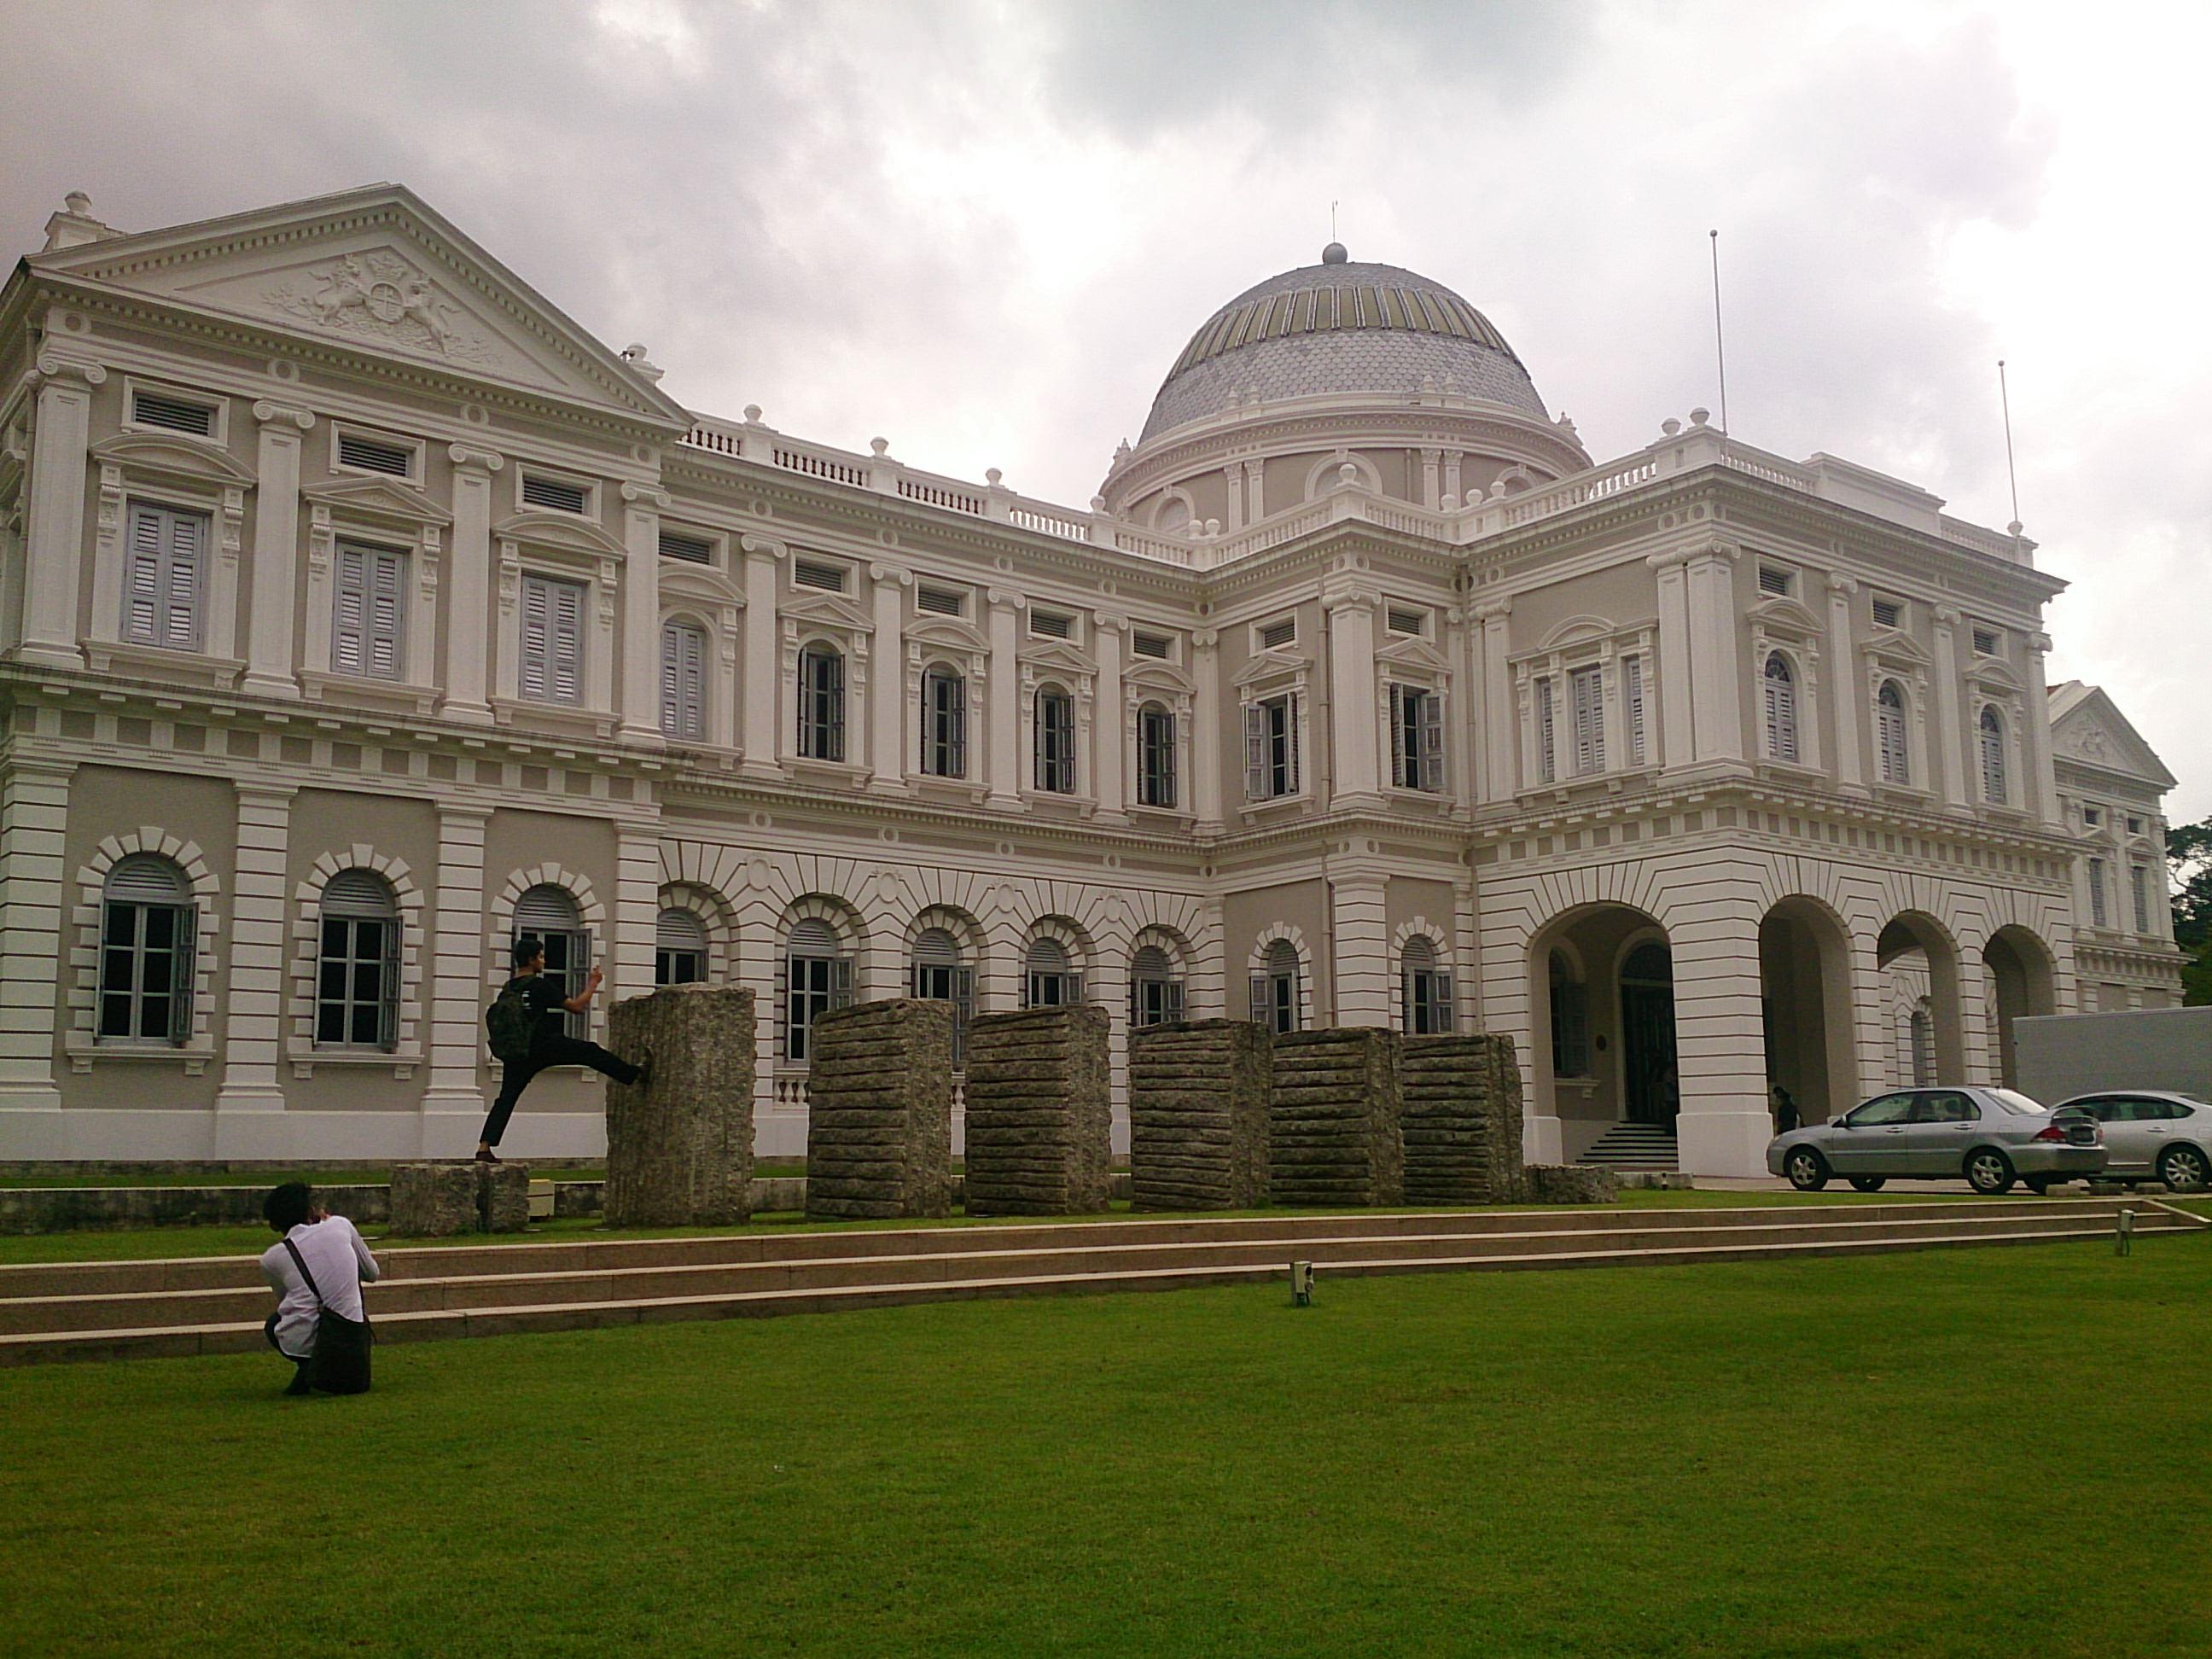 国の歴史は浅いが展示内容は充実のシンガポール国立博物館